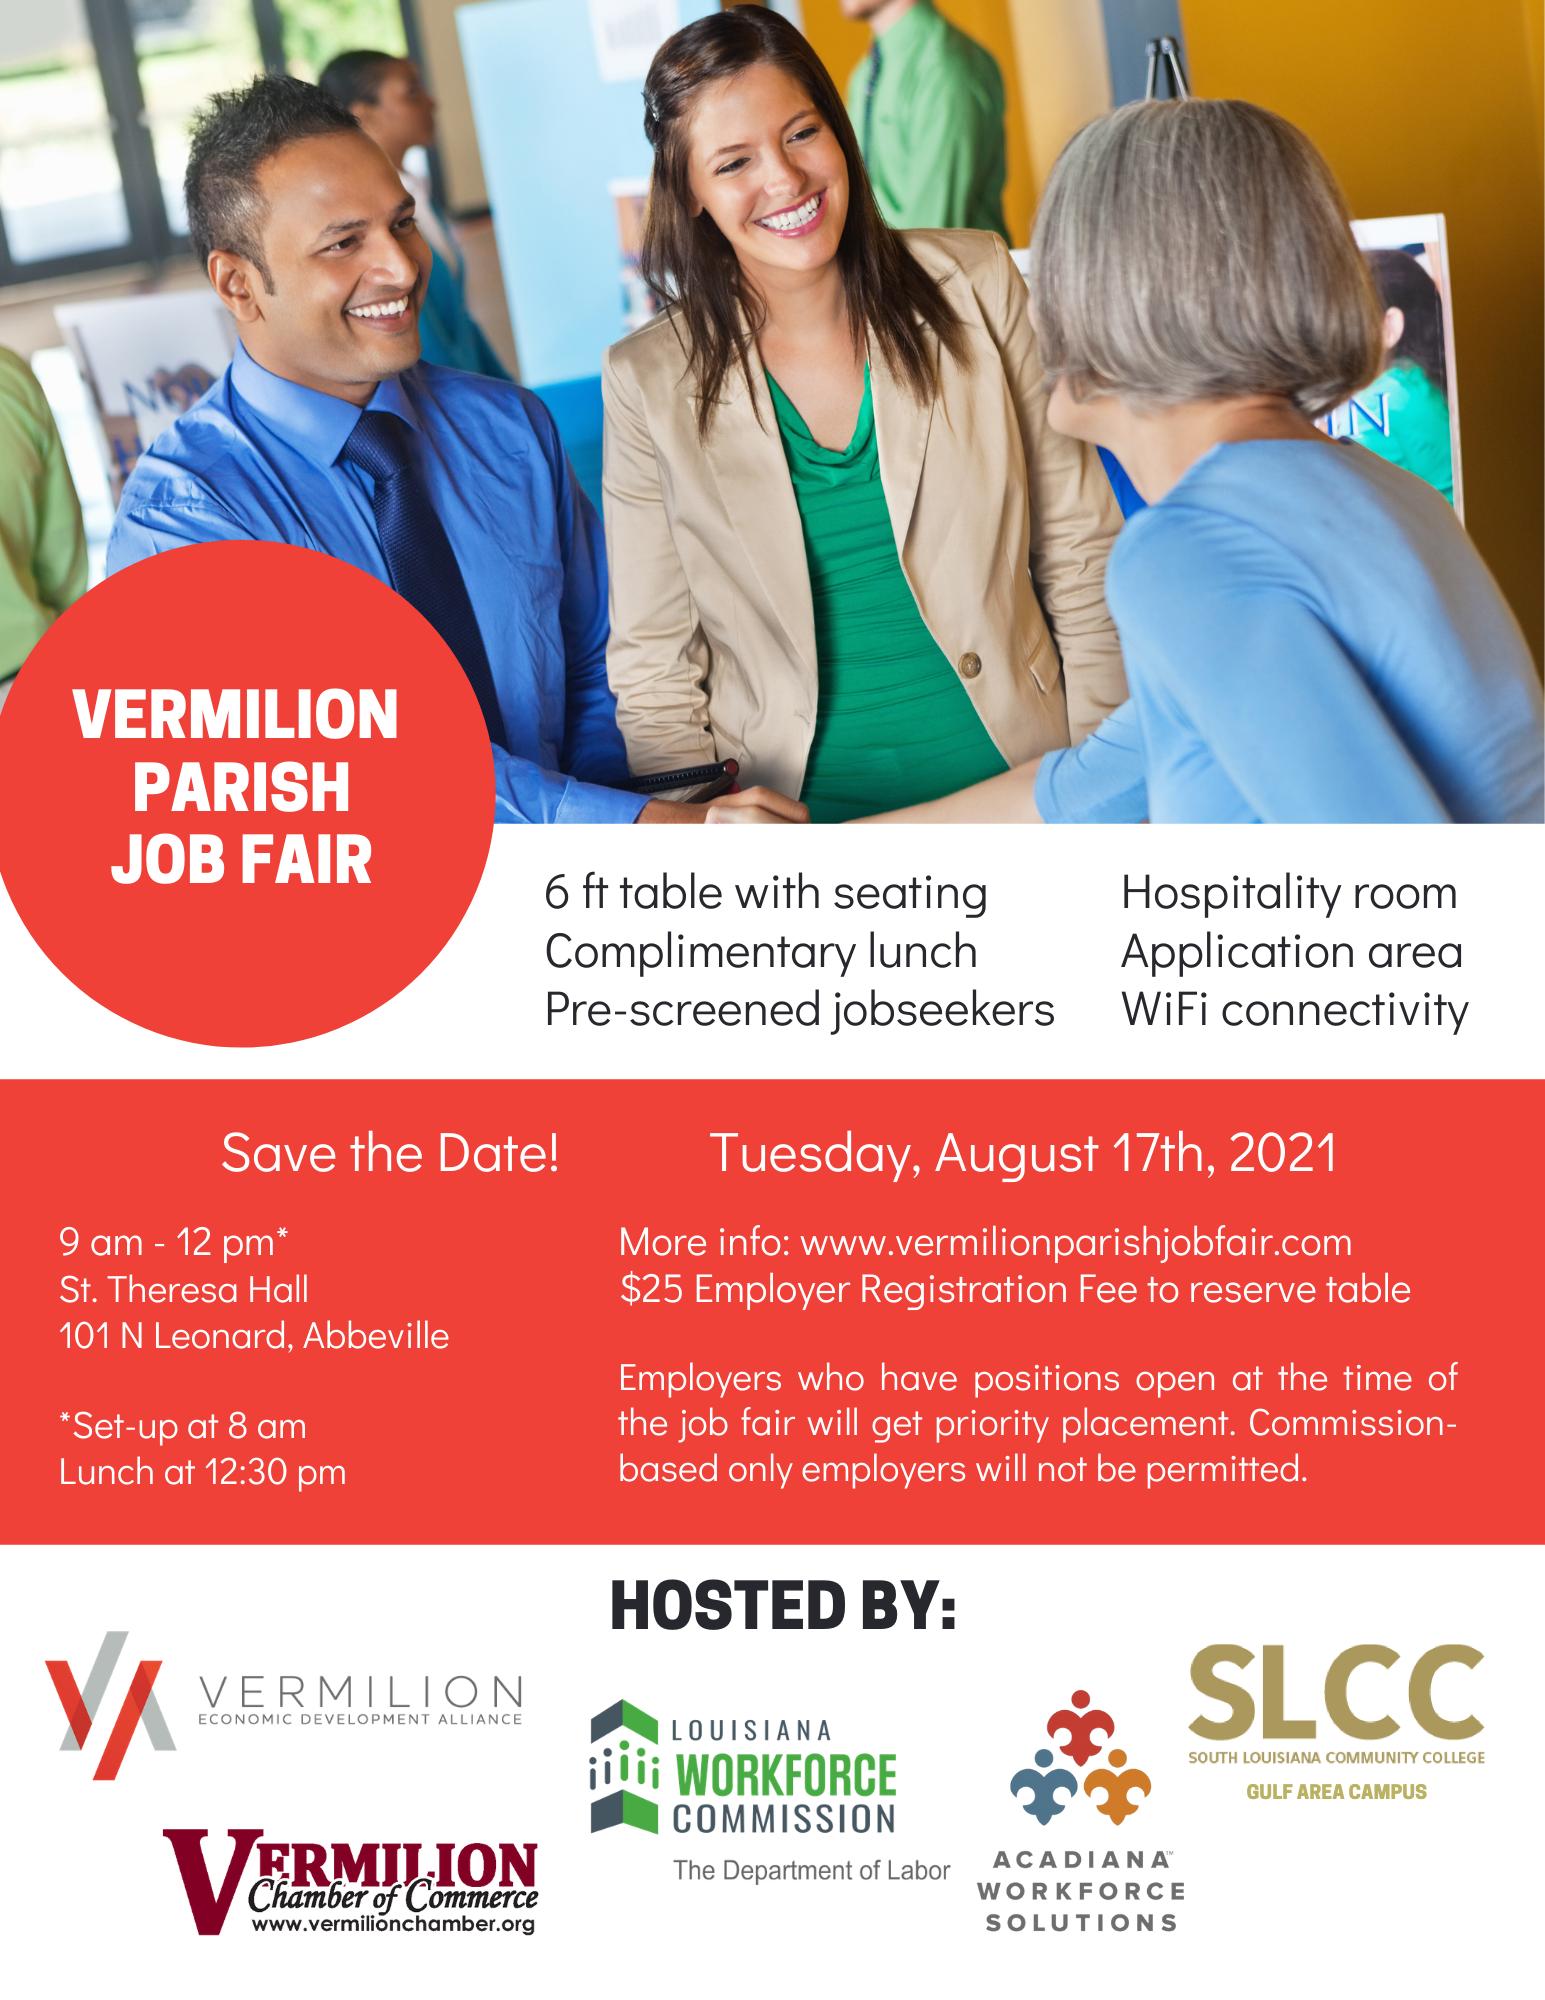 Vermilion Parish Job Fair